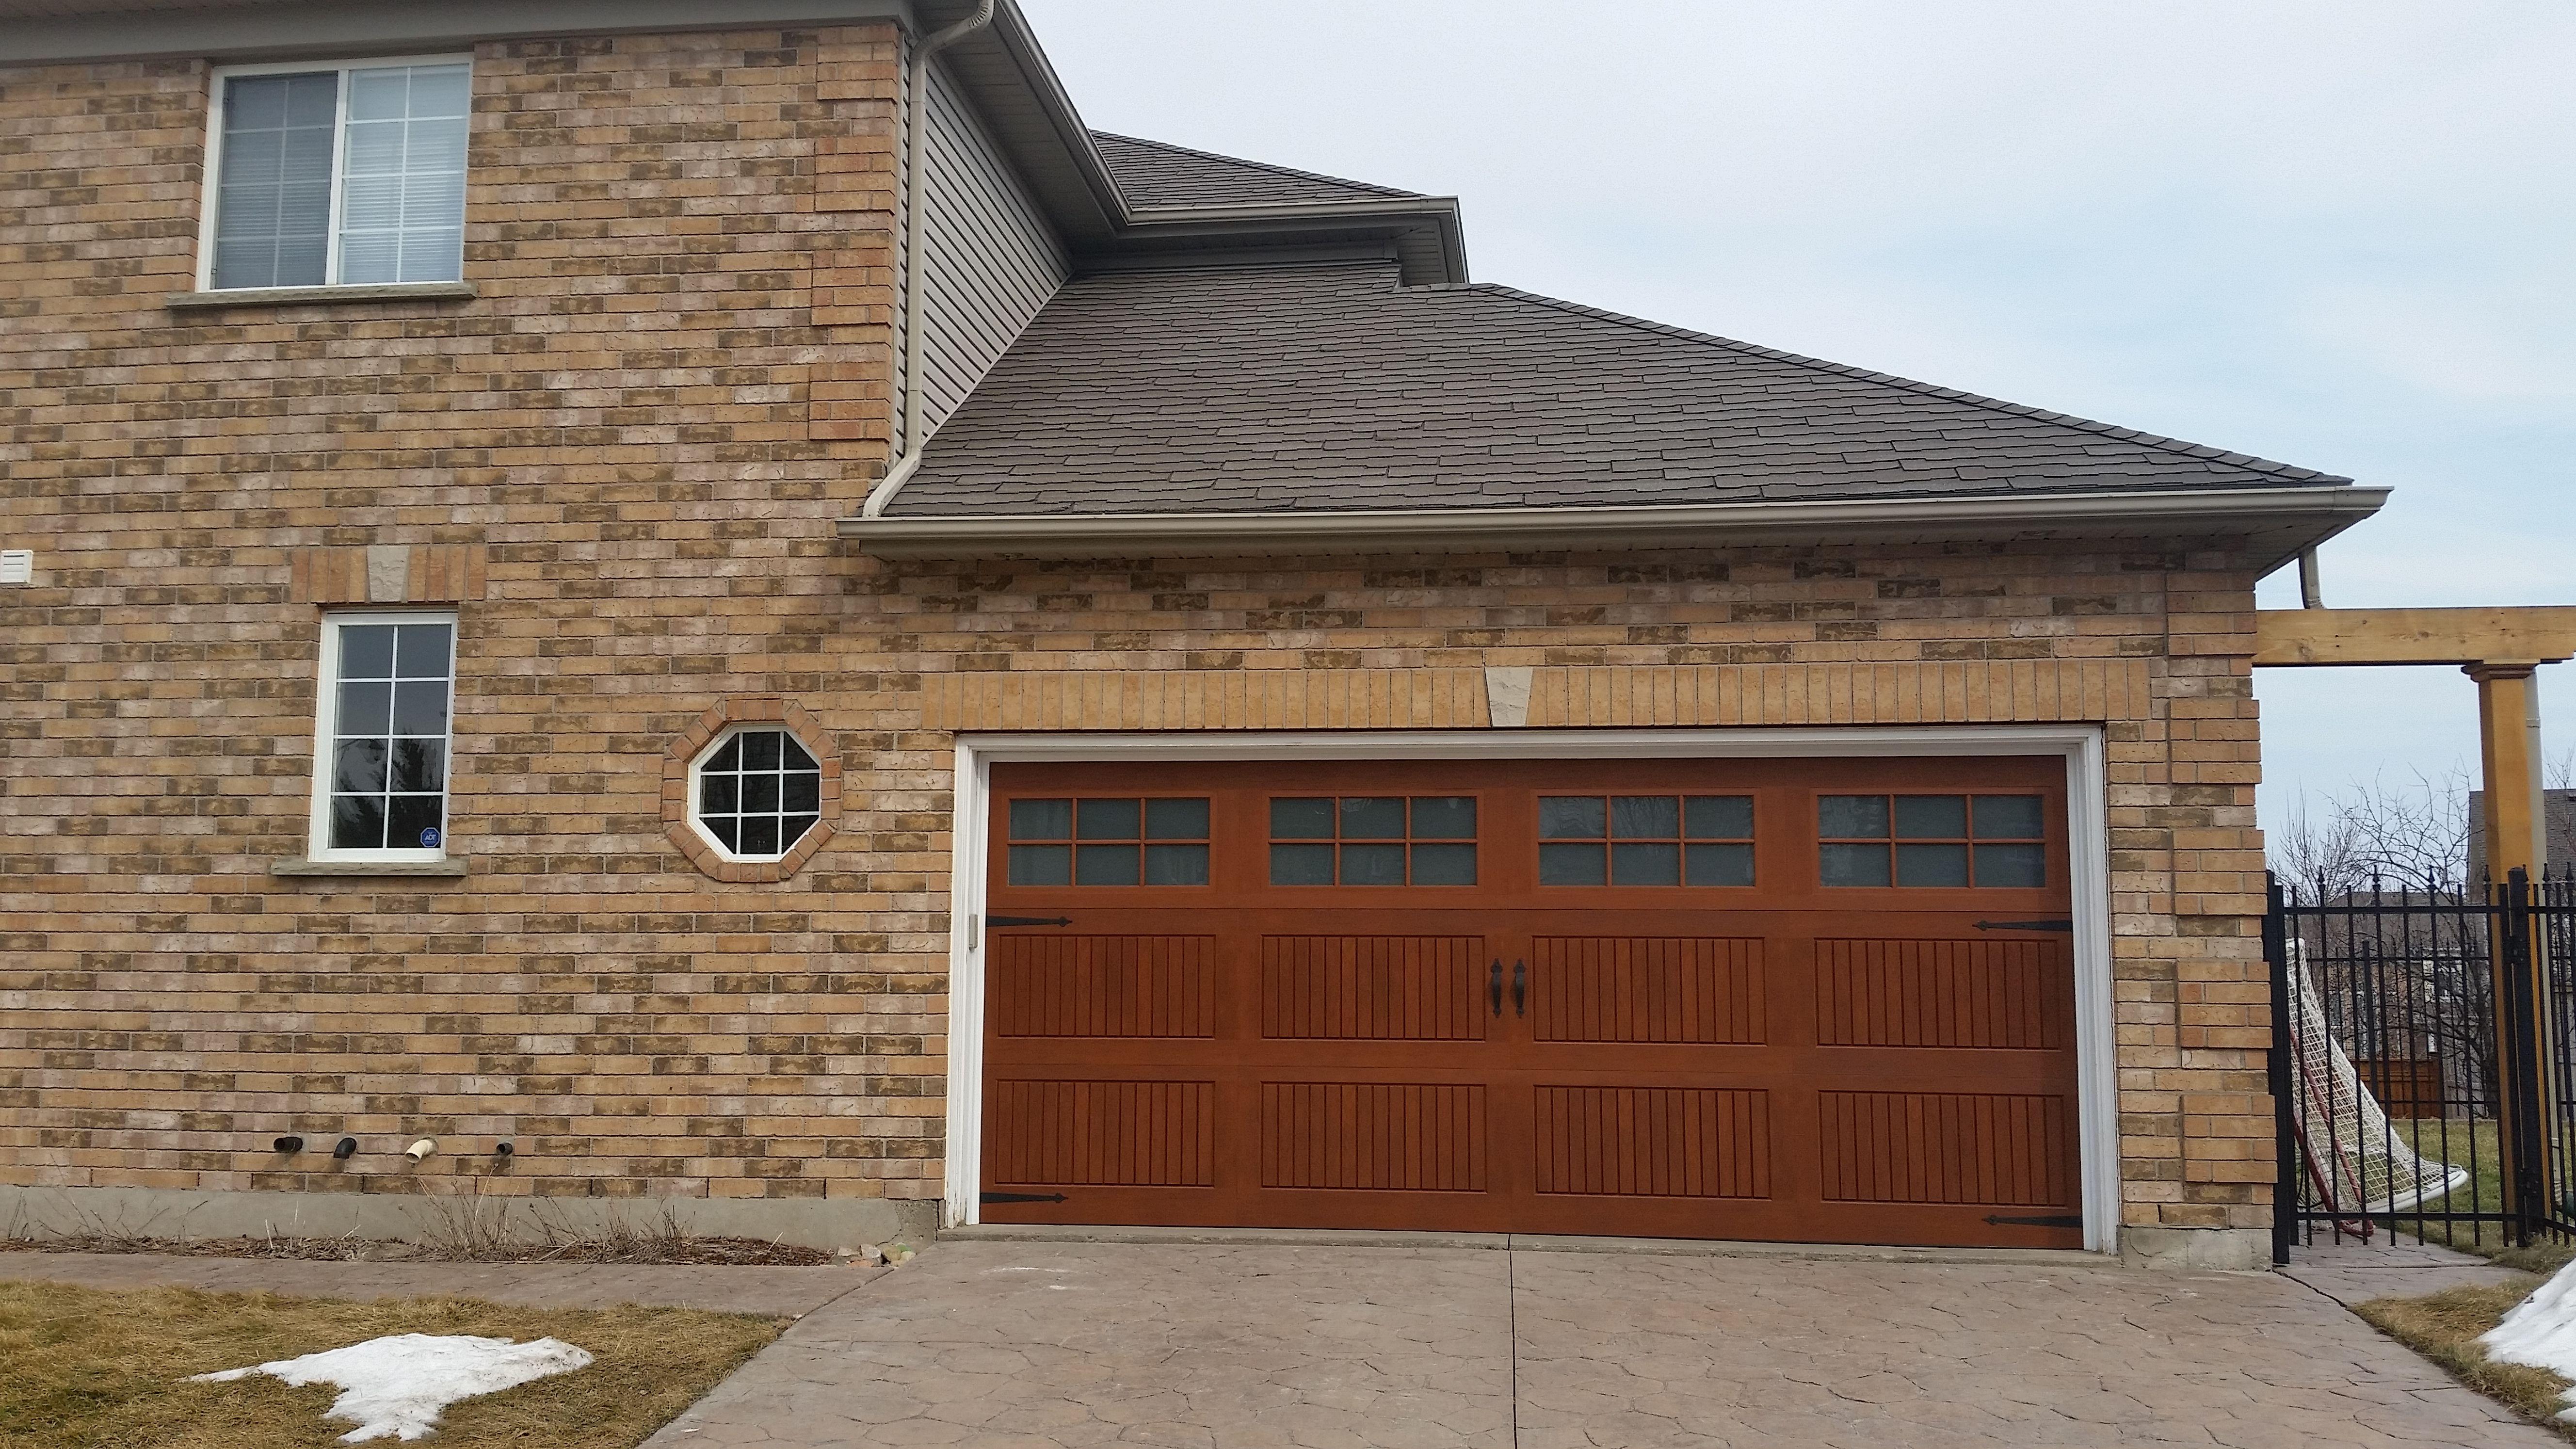 Wayne Dalton 9800 In Sonoma Cherry Wood Grain I 16826 Carriage House Doors Garage Door Design Garage Doors